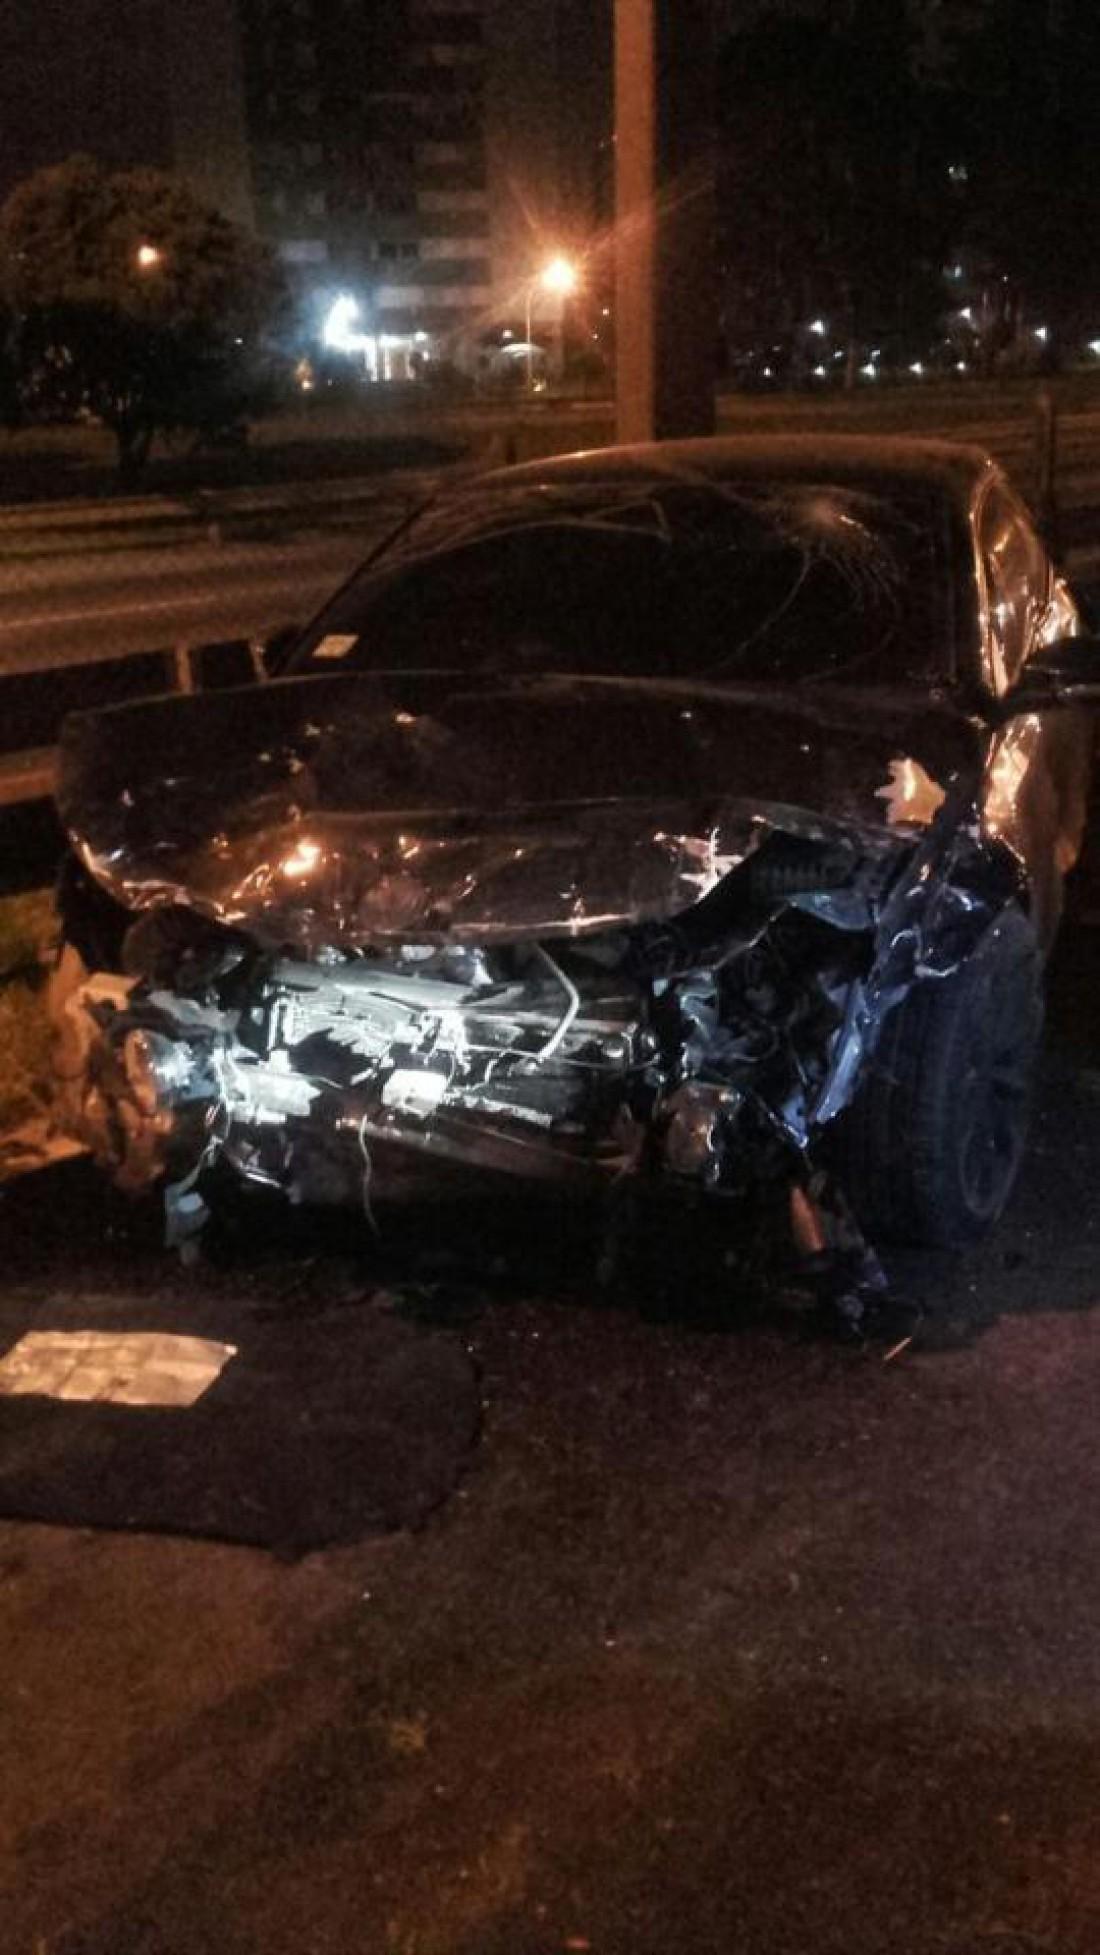 Автомобиль Сарате, на котором он врезался в такси